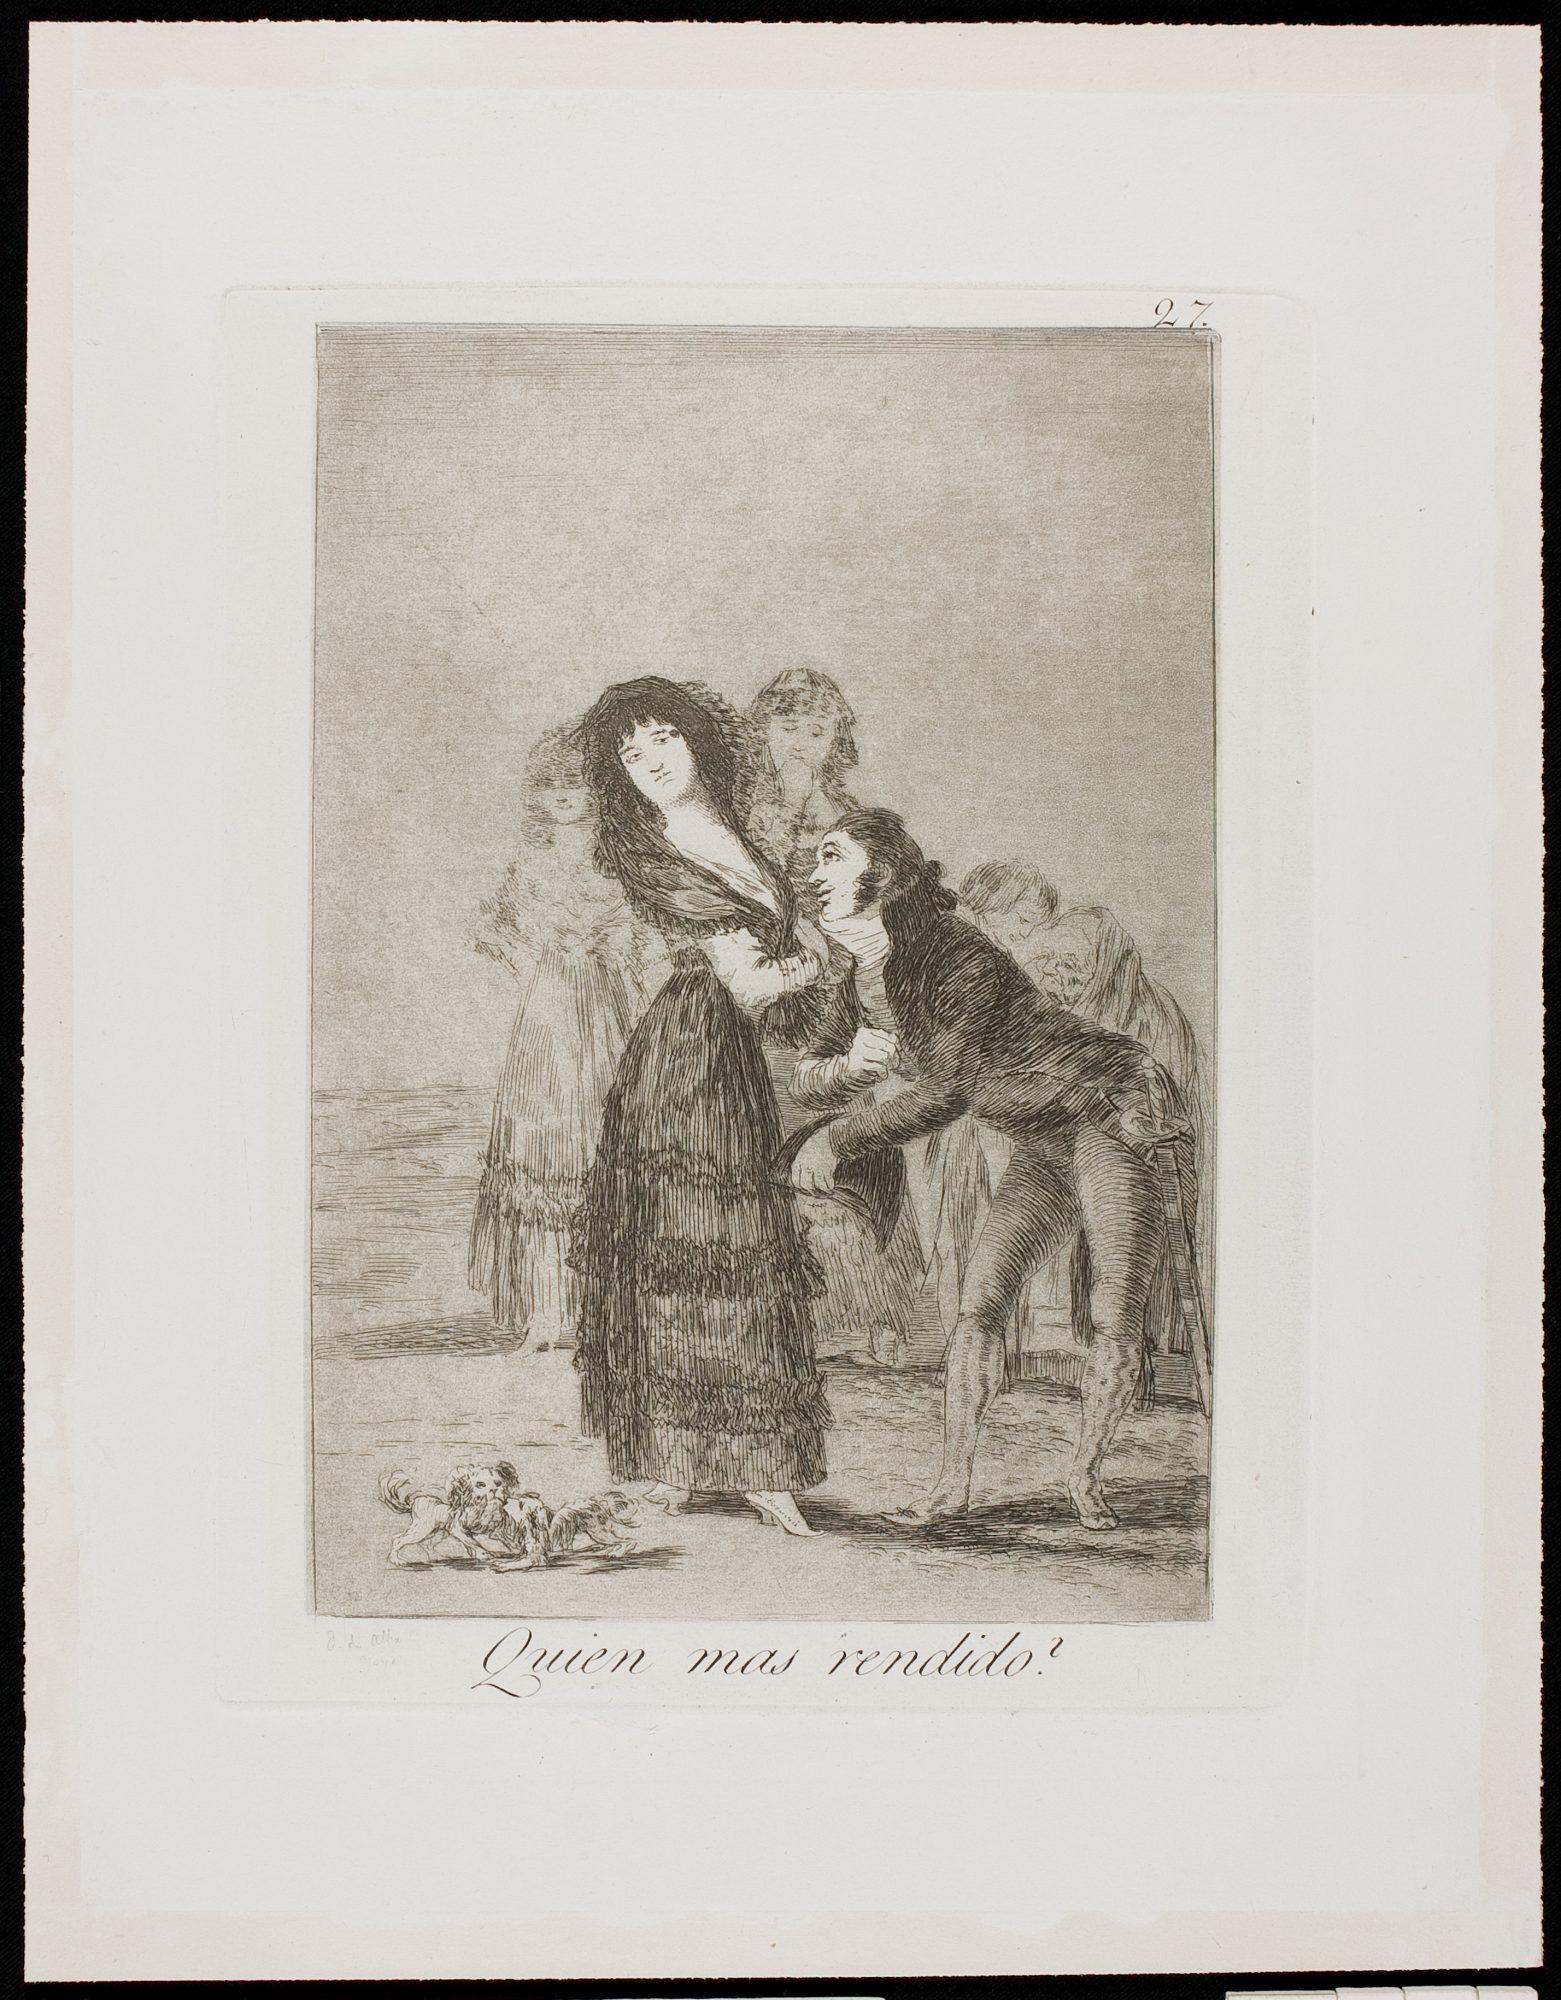 Goya_Quien mas rendido?